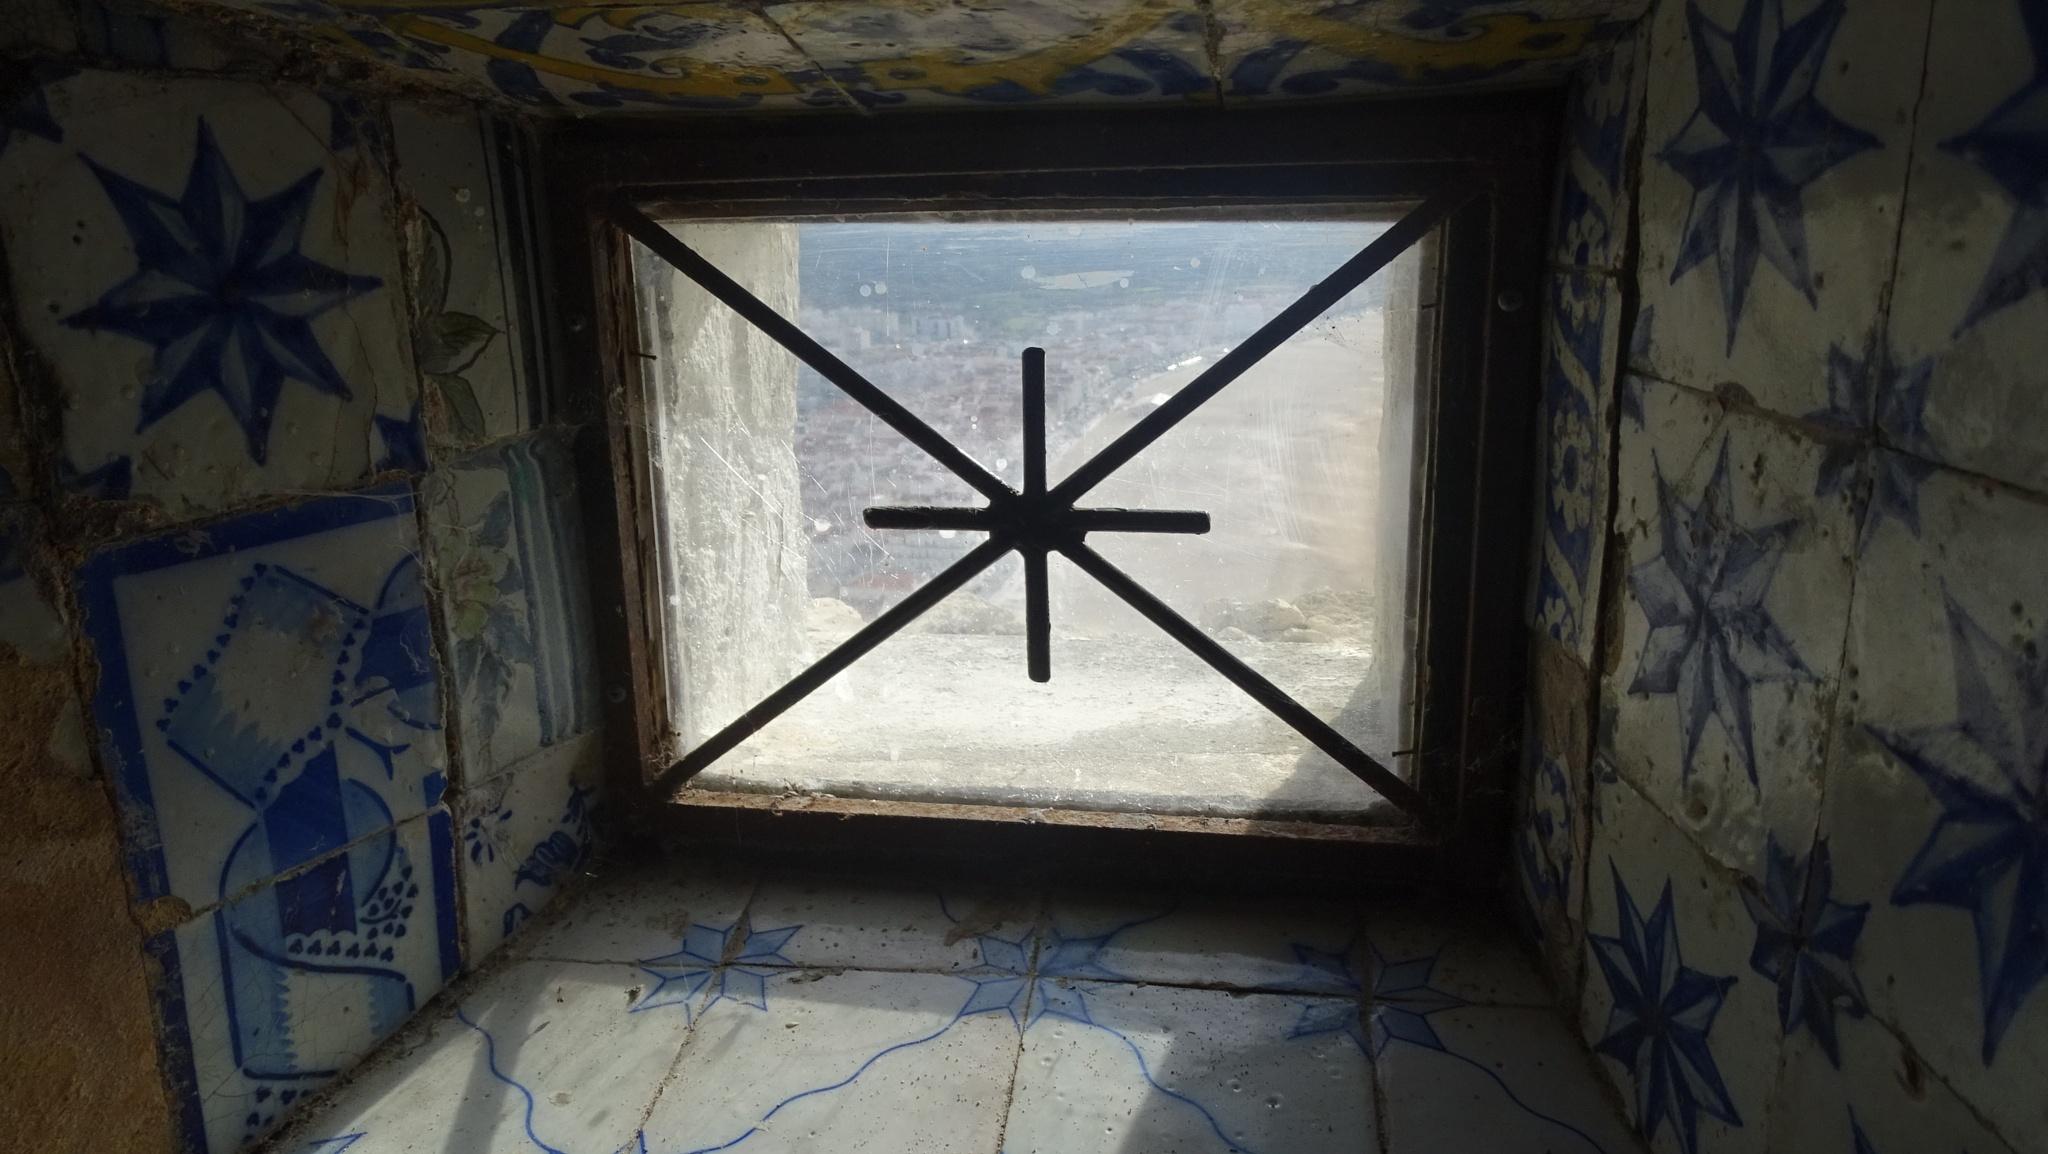 chapel window in nazaré by Luis serra